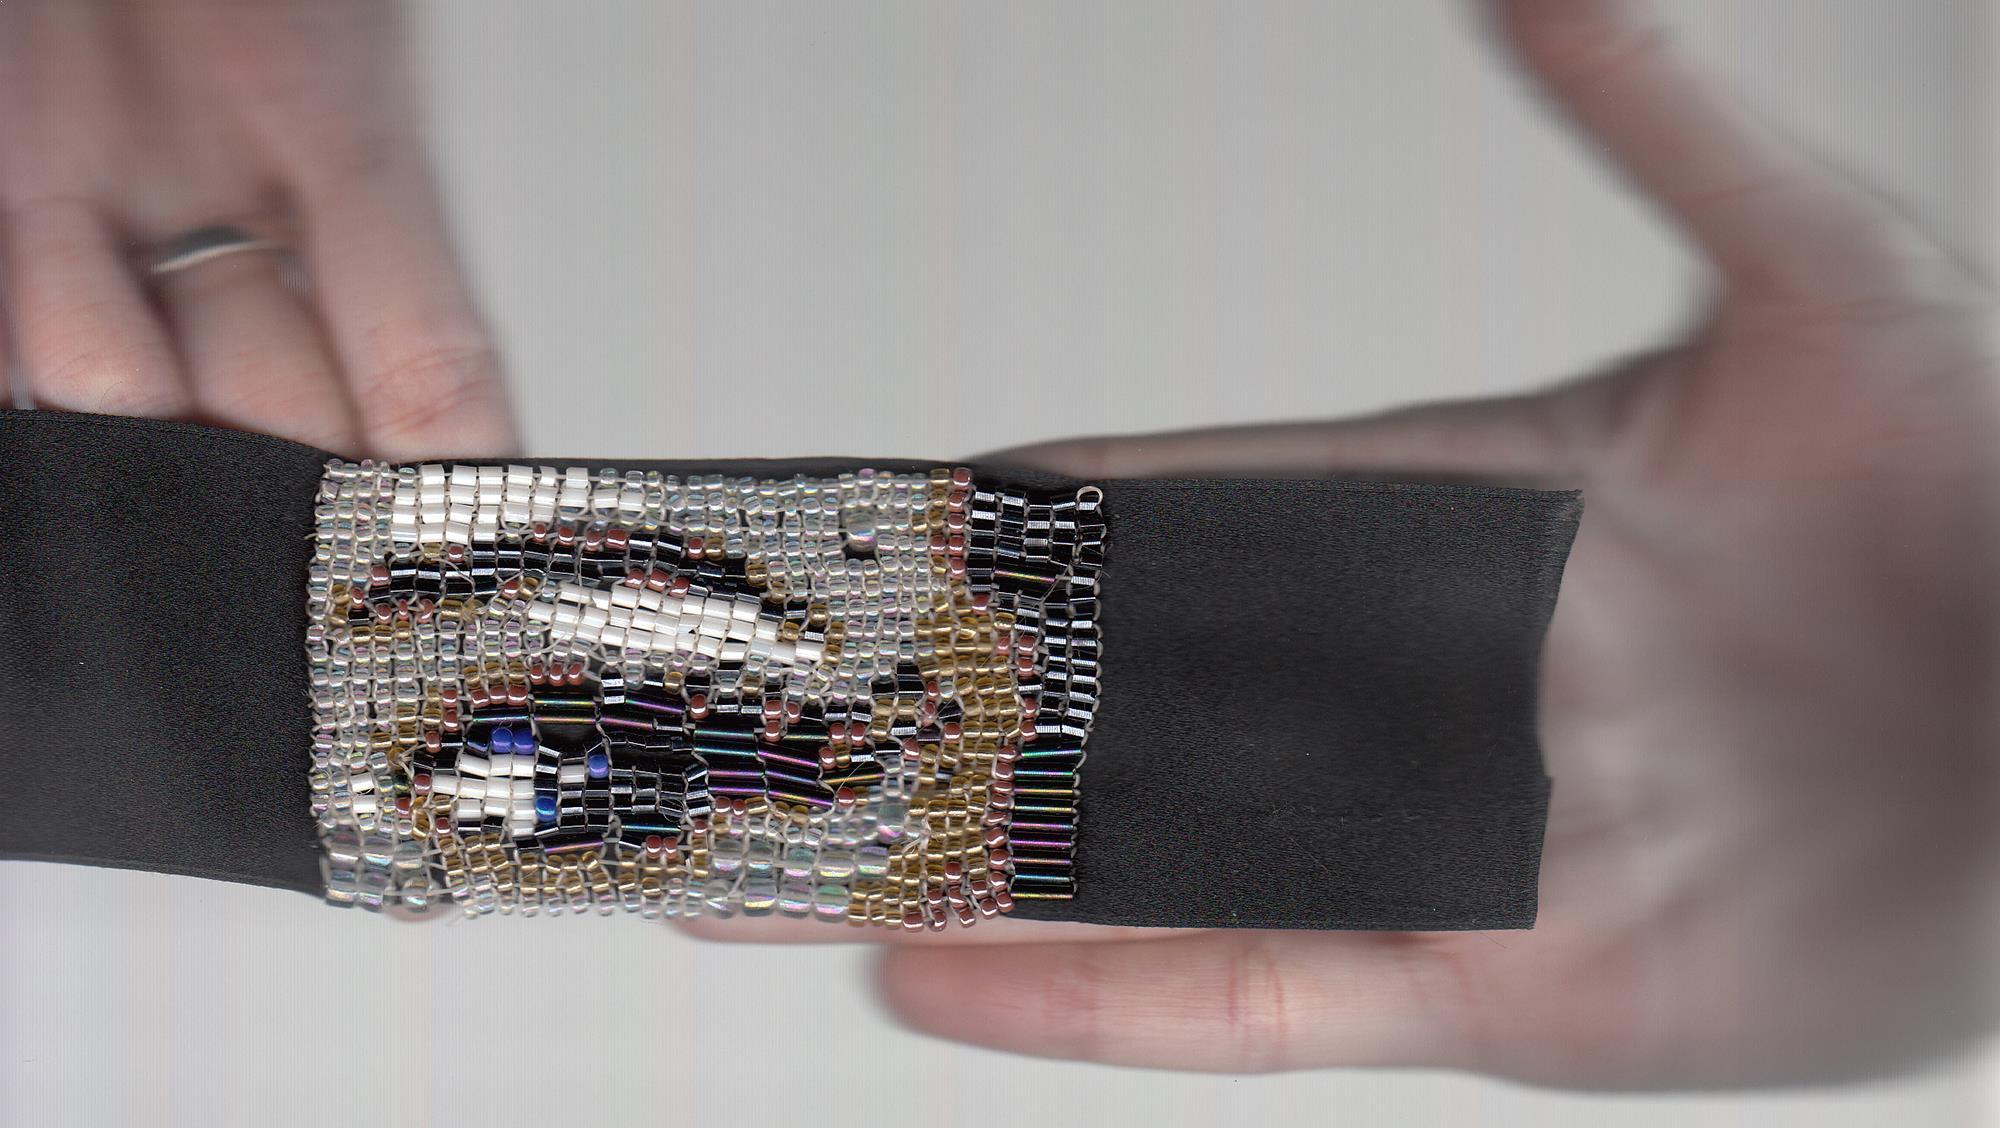 Ojo de Barbarella Blow representado cuenta por pixel formando una joya.